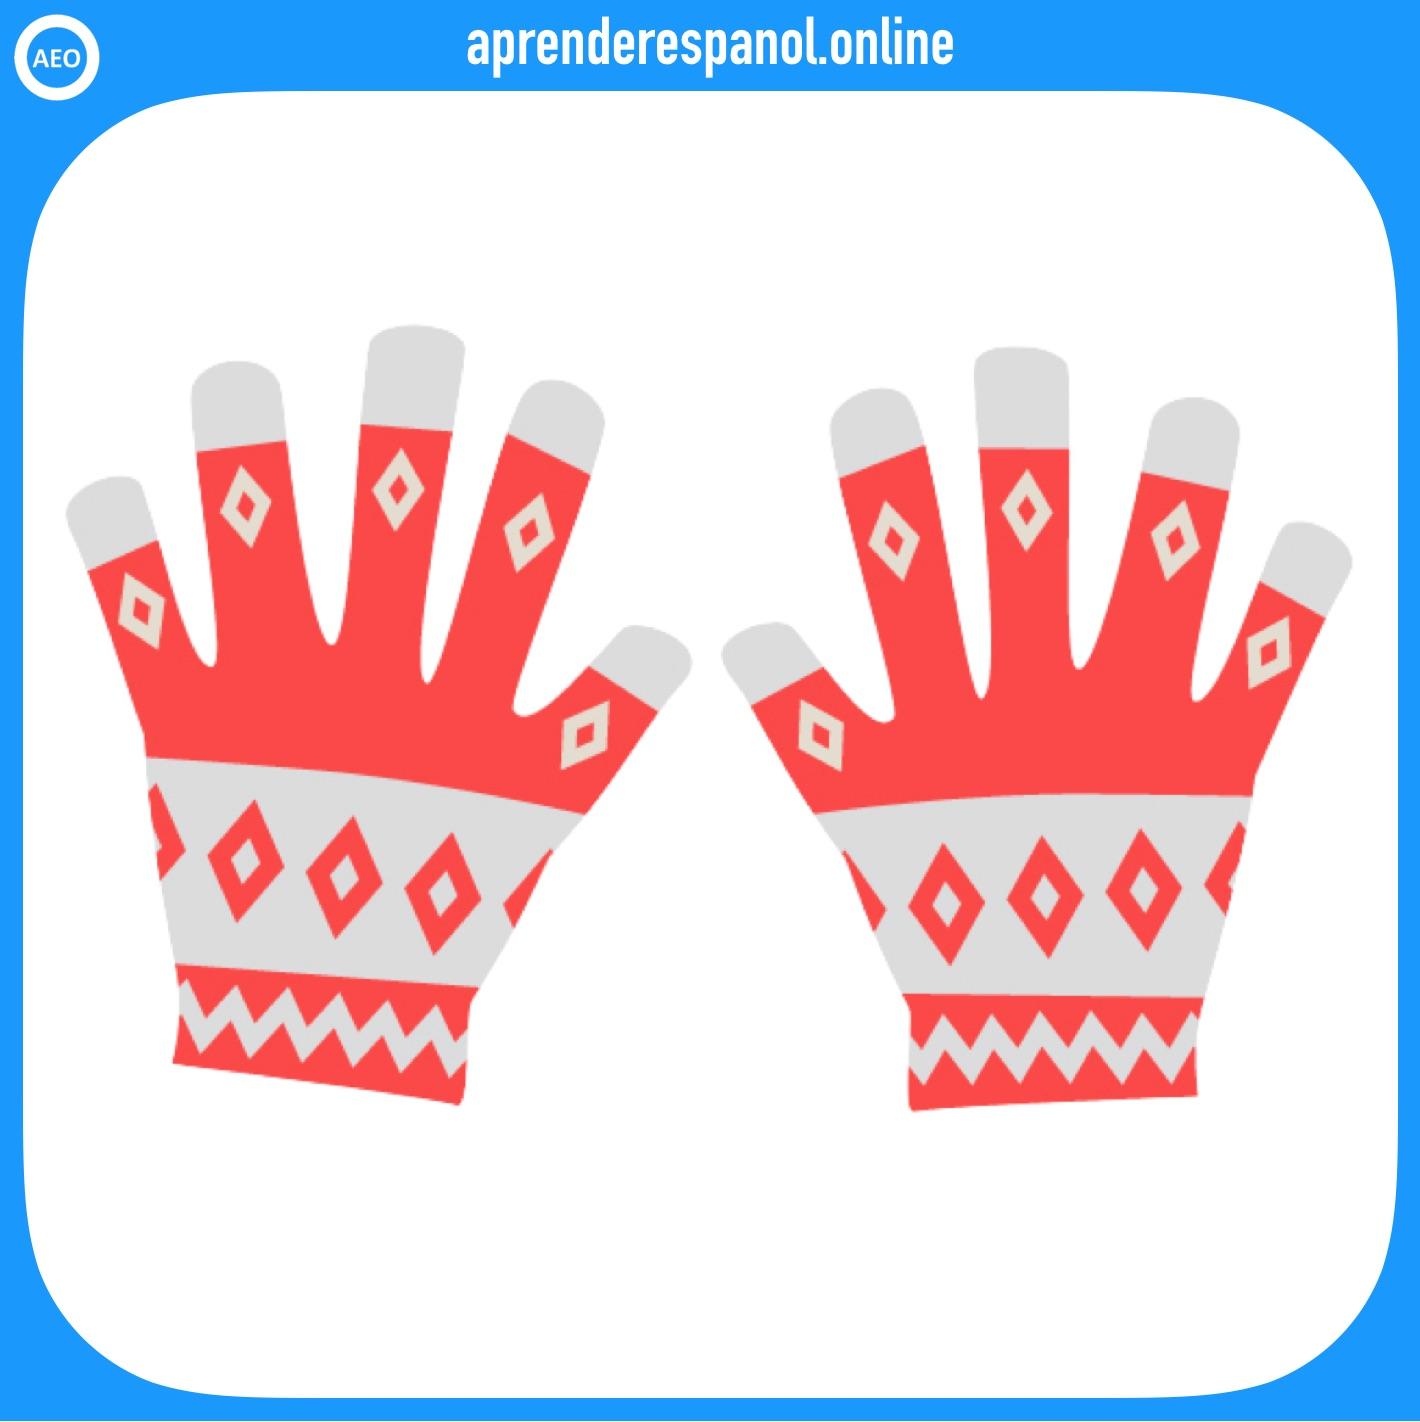 guantes | ropa en español | vocabulario de la ropa en español